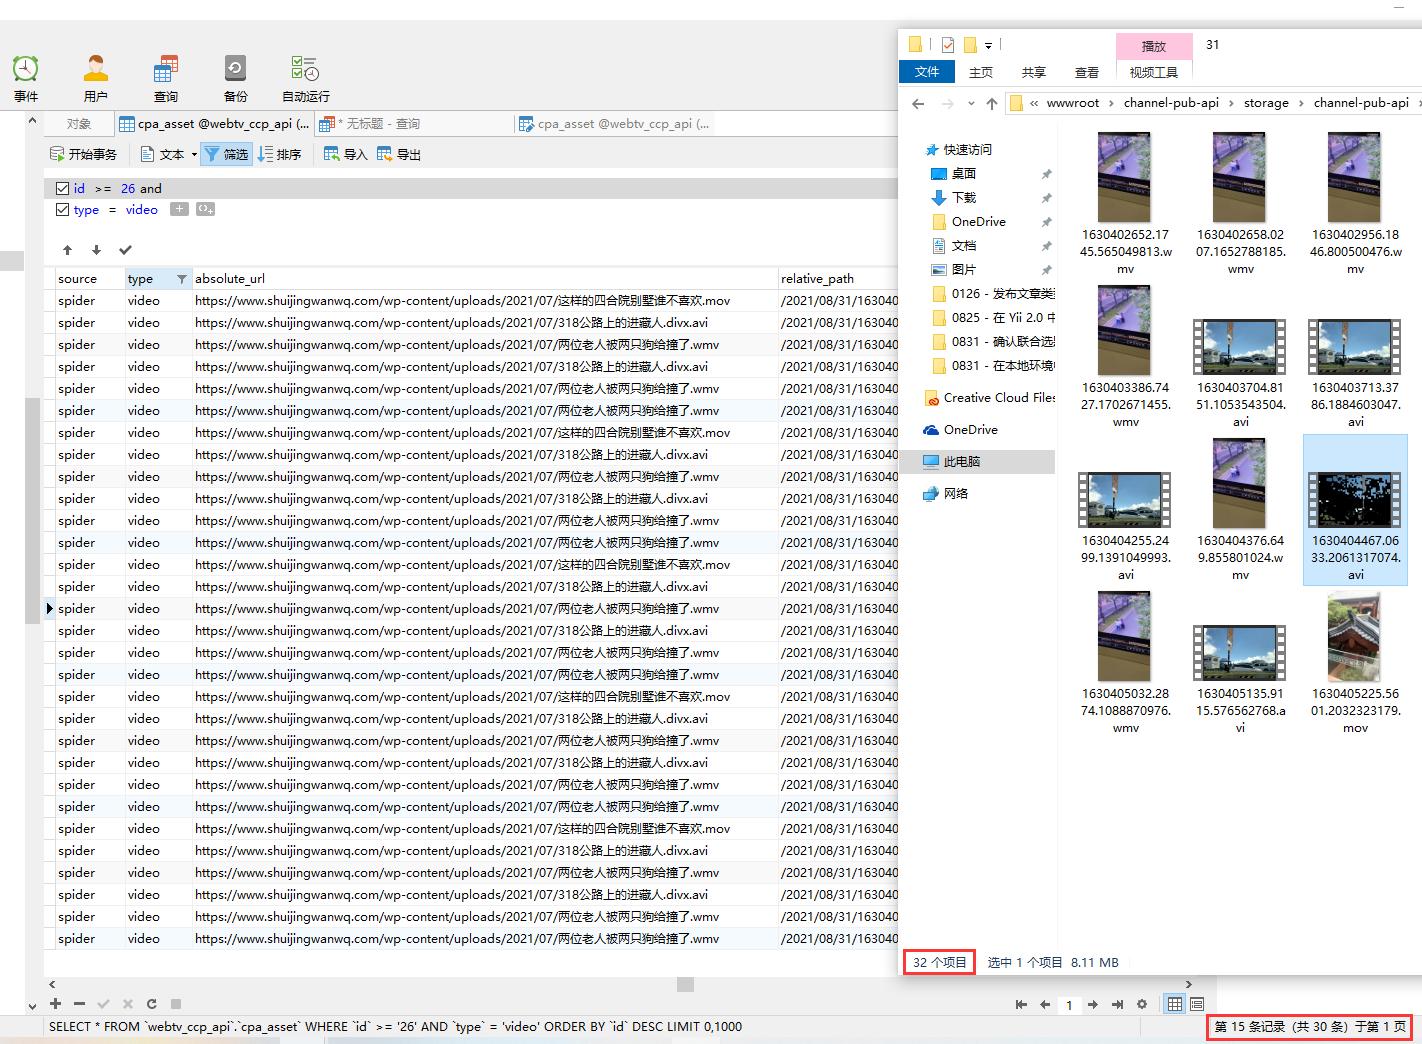 查看队列作业20条的操作结果。relative_path 即下载后文件的相对路径,队列作业全部执行成功。因为相对路径都存在。但是搜索应该下载的视频文件,其数量应该等于 30 。但是在下载目录中的实际视频文件数量为 32 。现在的问题是,不太清楚多出的 2 个文件是如何产生的(其中一个文件应该是早就存在的,仅多出了1个文件)。